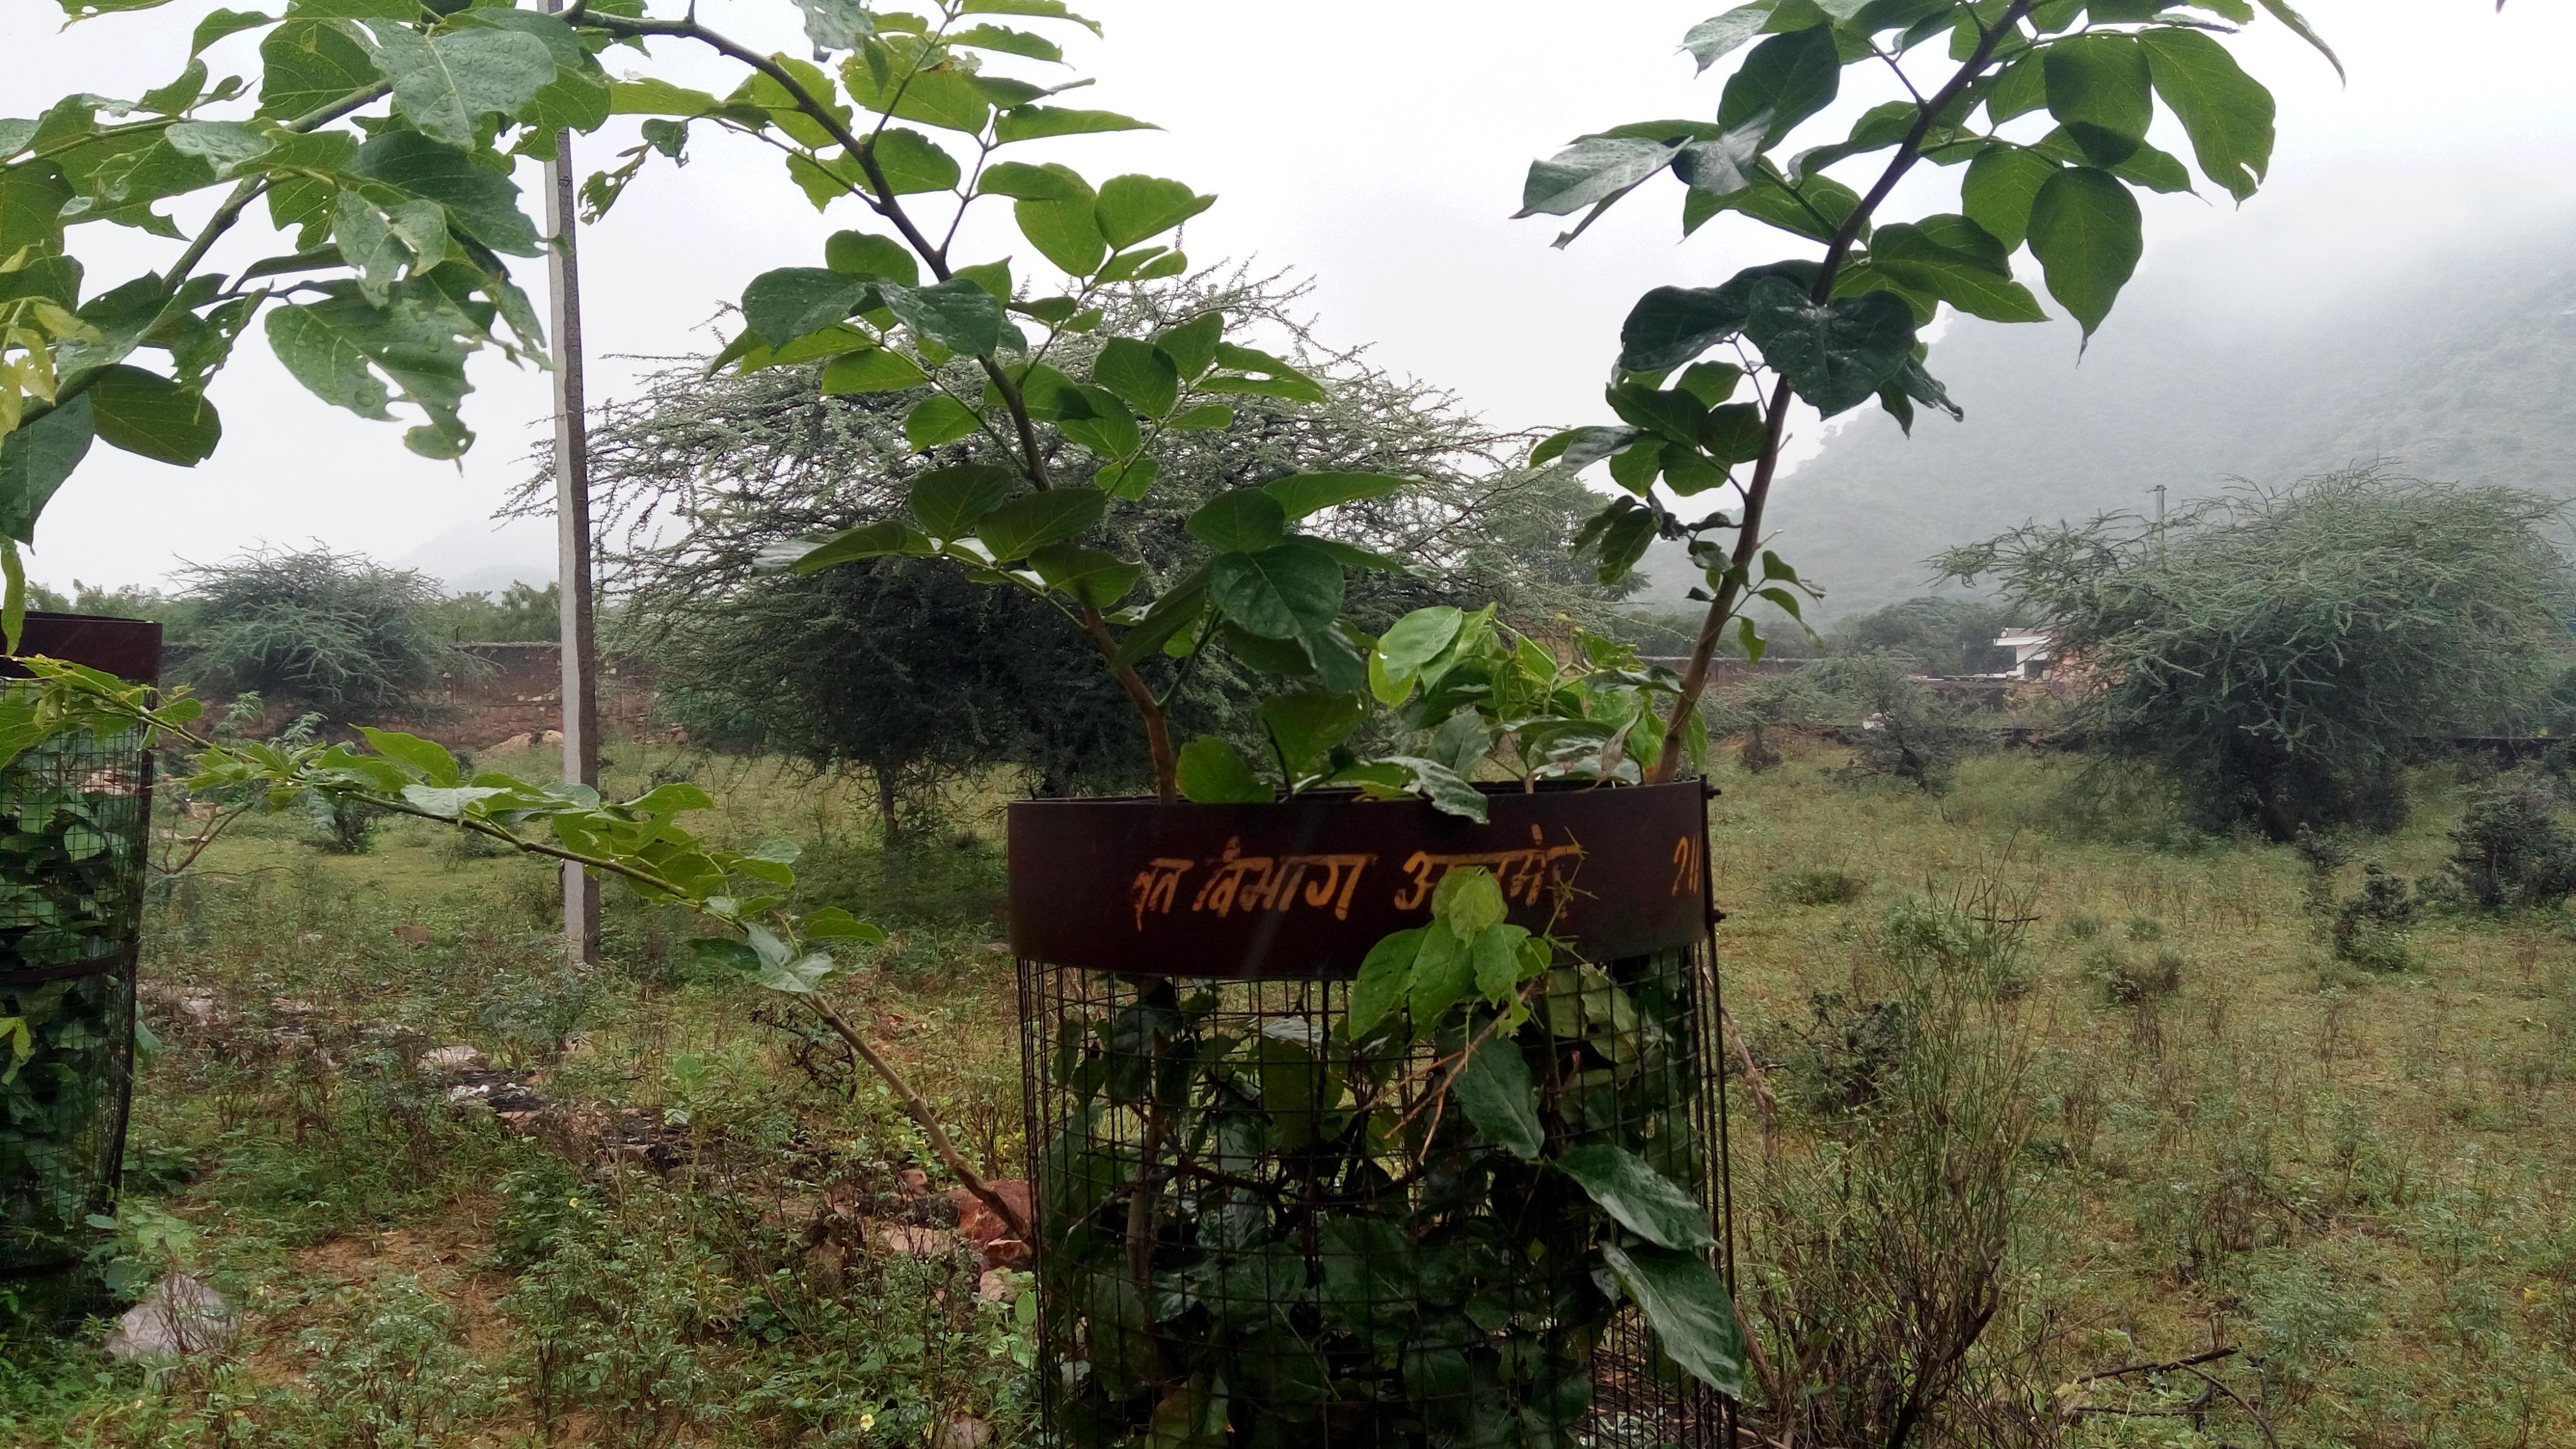 अजमेर में भले ही बढ़ा हो वन क्षेत्र, लाखों पौधे तो हो चुके हैं खराब